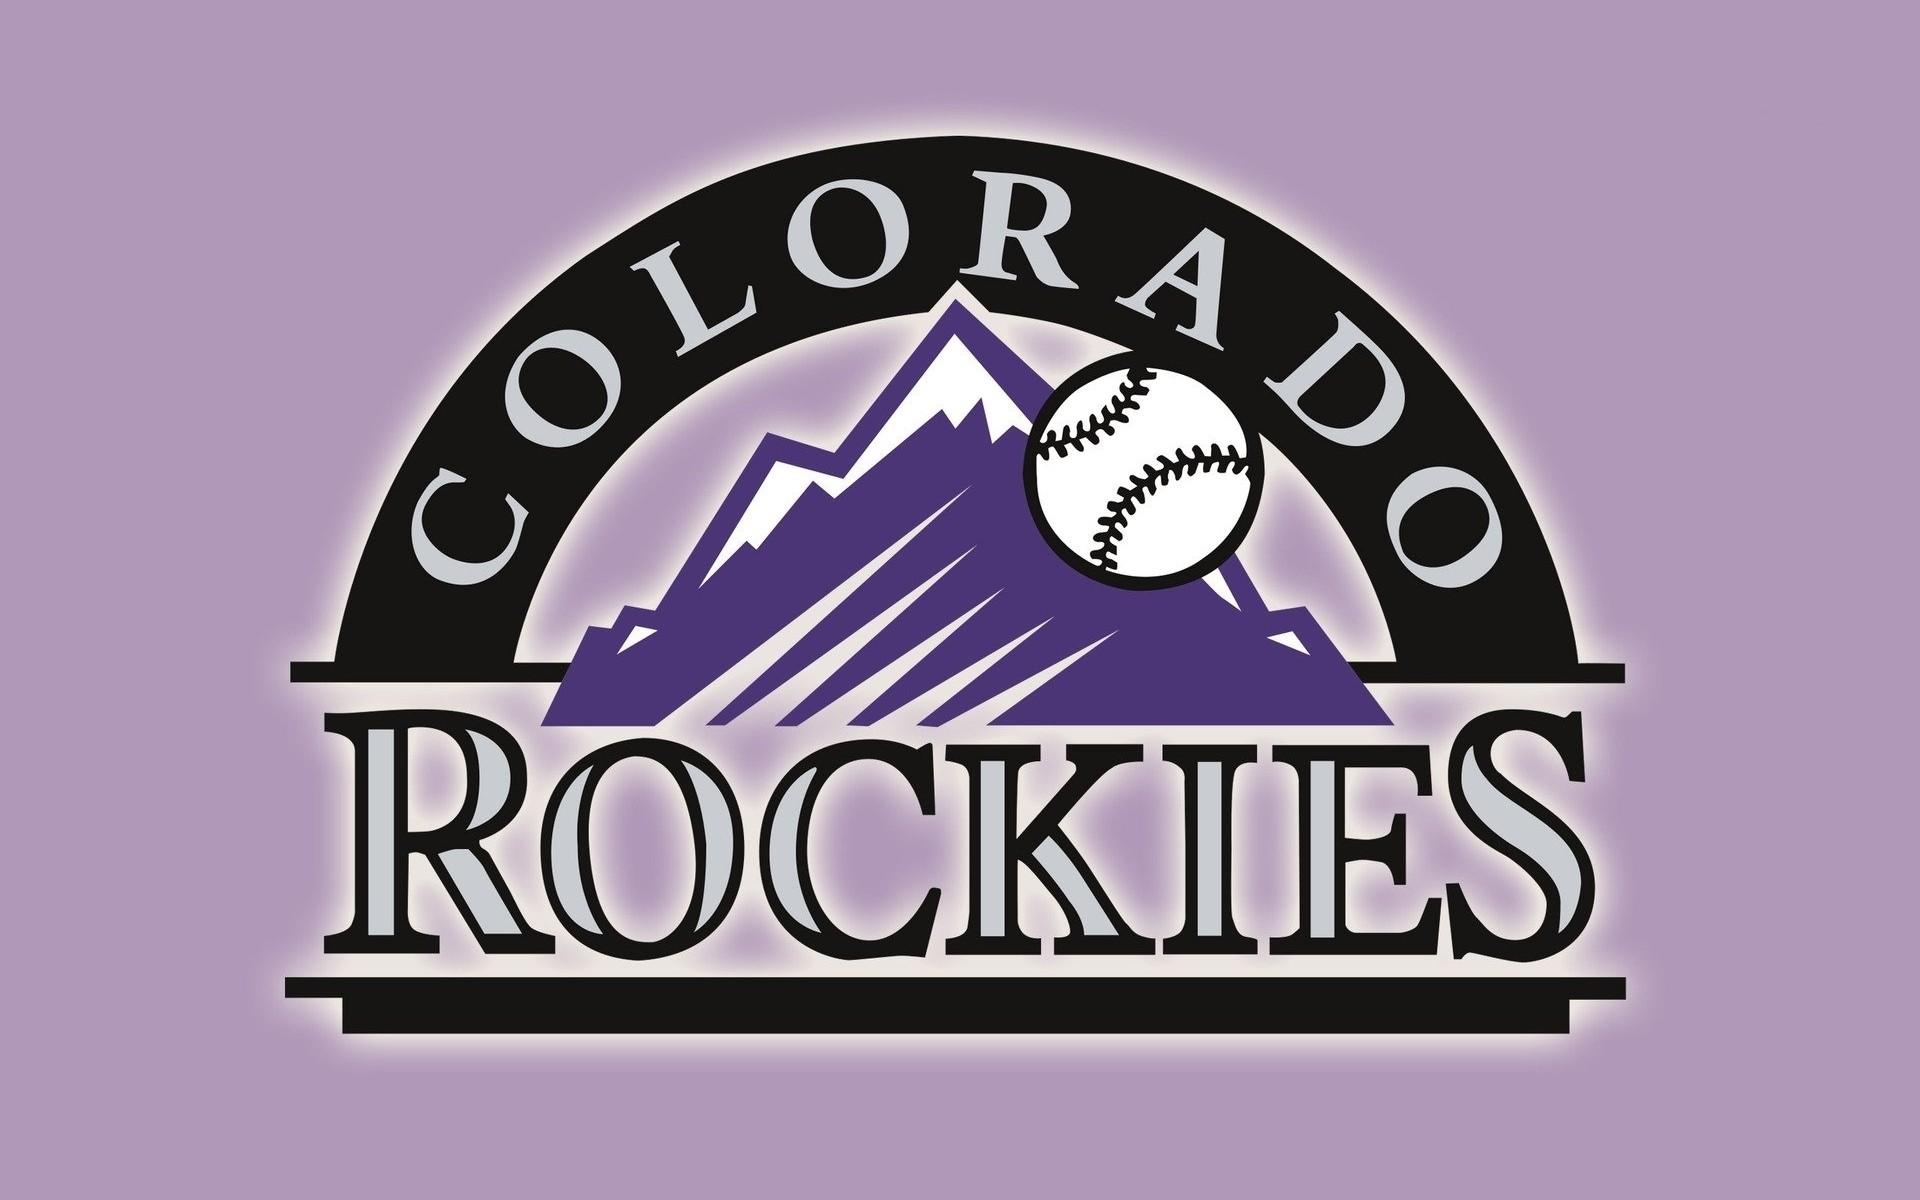 Colorado Rockies Wallpaper For Dektop Computer Background within Colorado  Rockies Wallpaper …